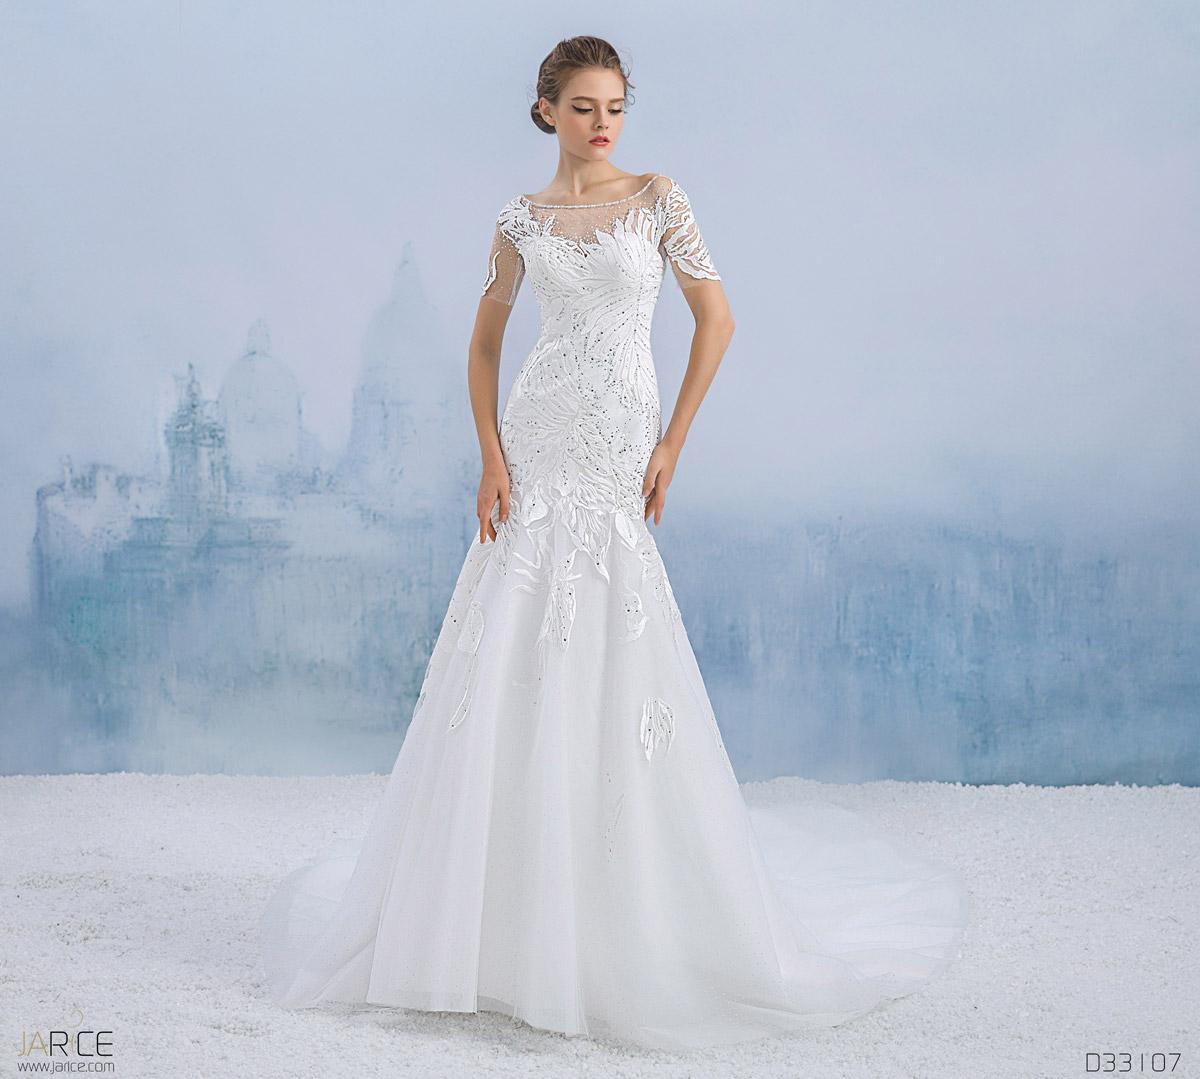 les robes de mariées les plus tendances actuellement